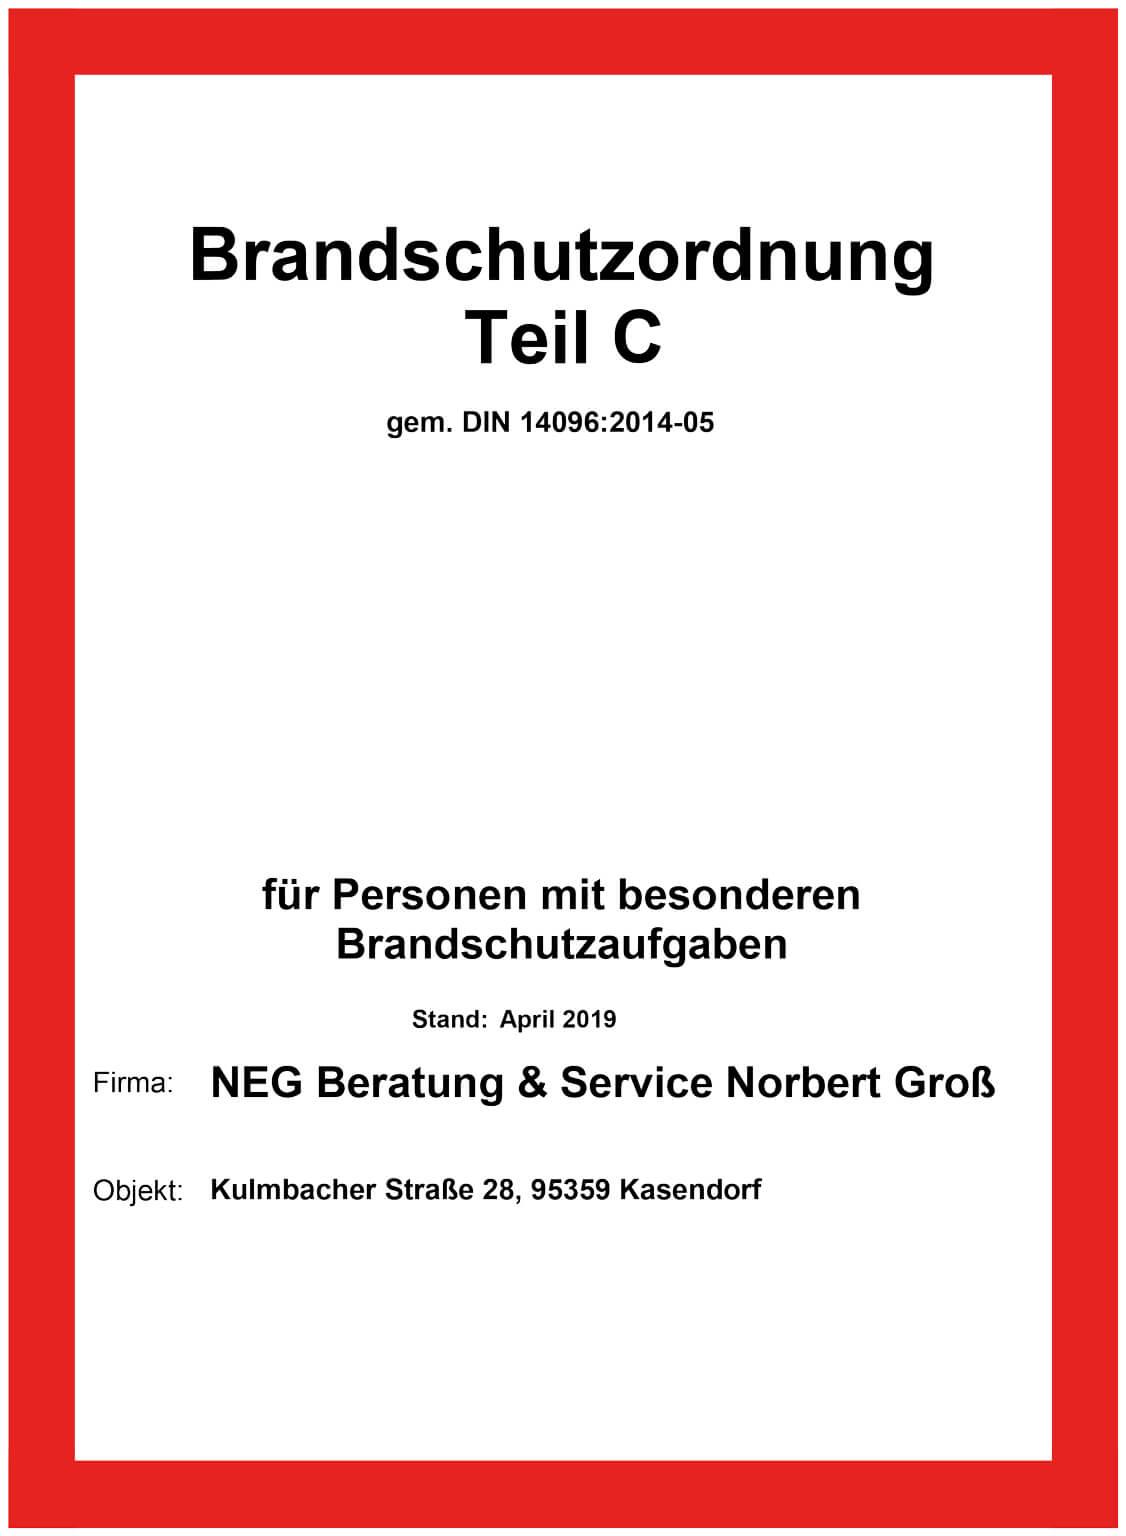 Brandschutzordnung Nach Din 14096 Tuscheteam Cad Service 7